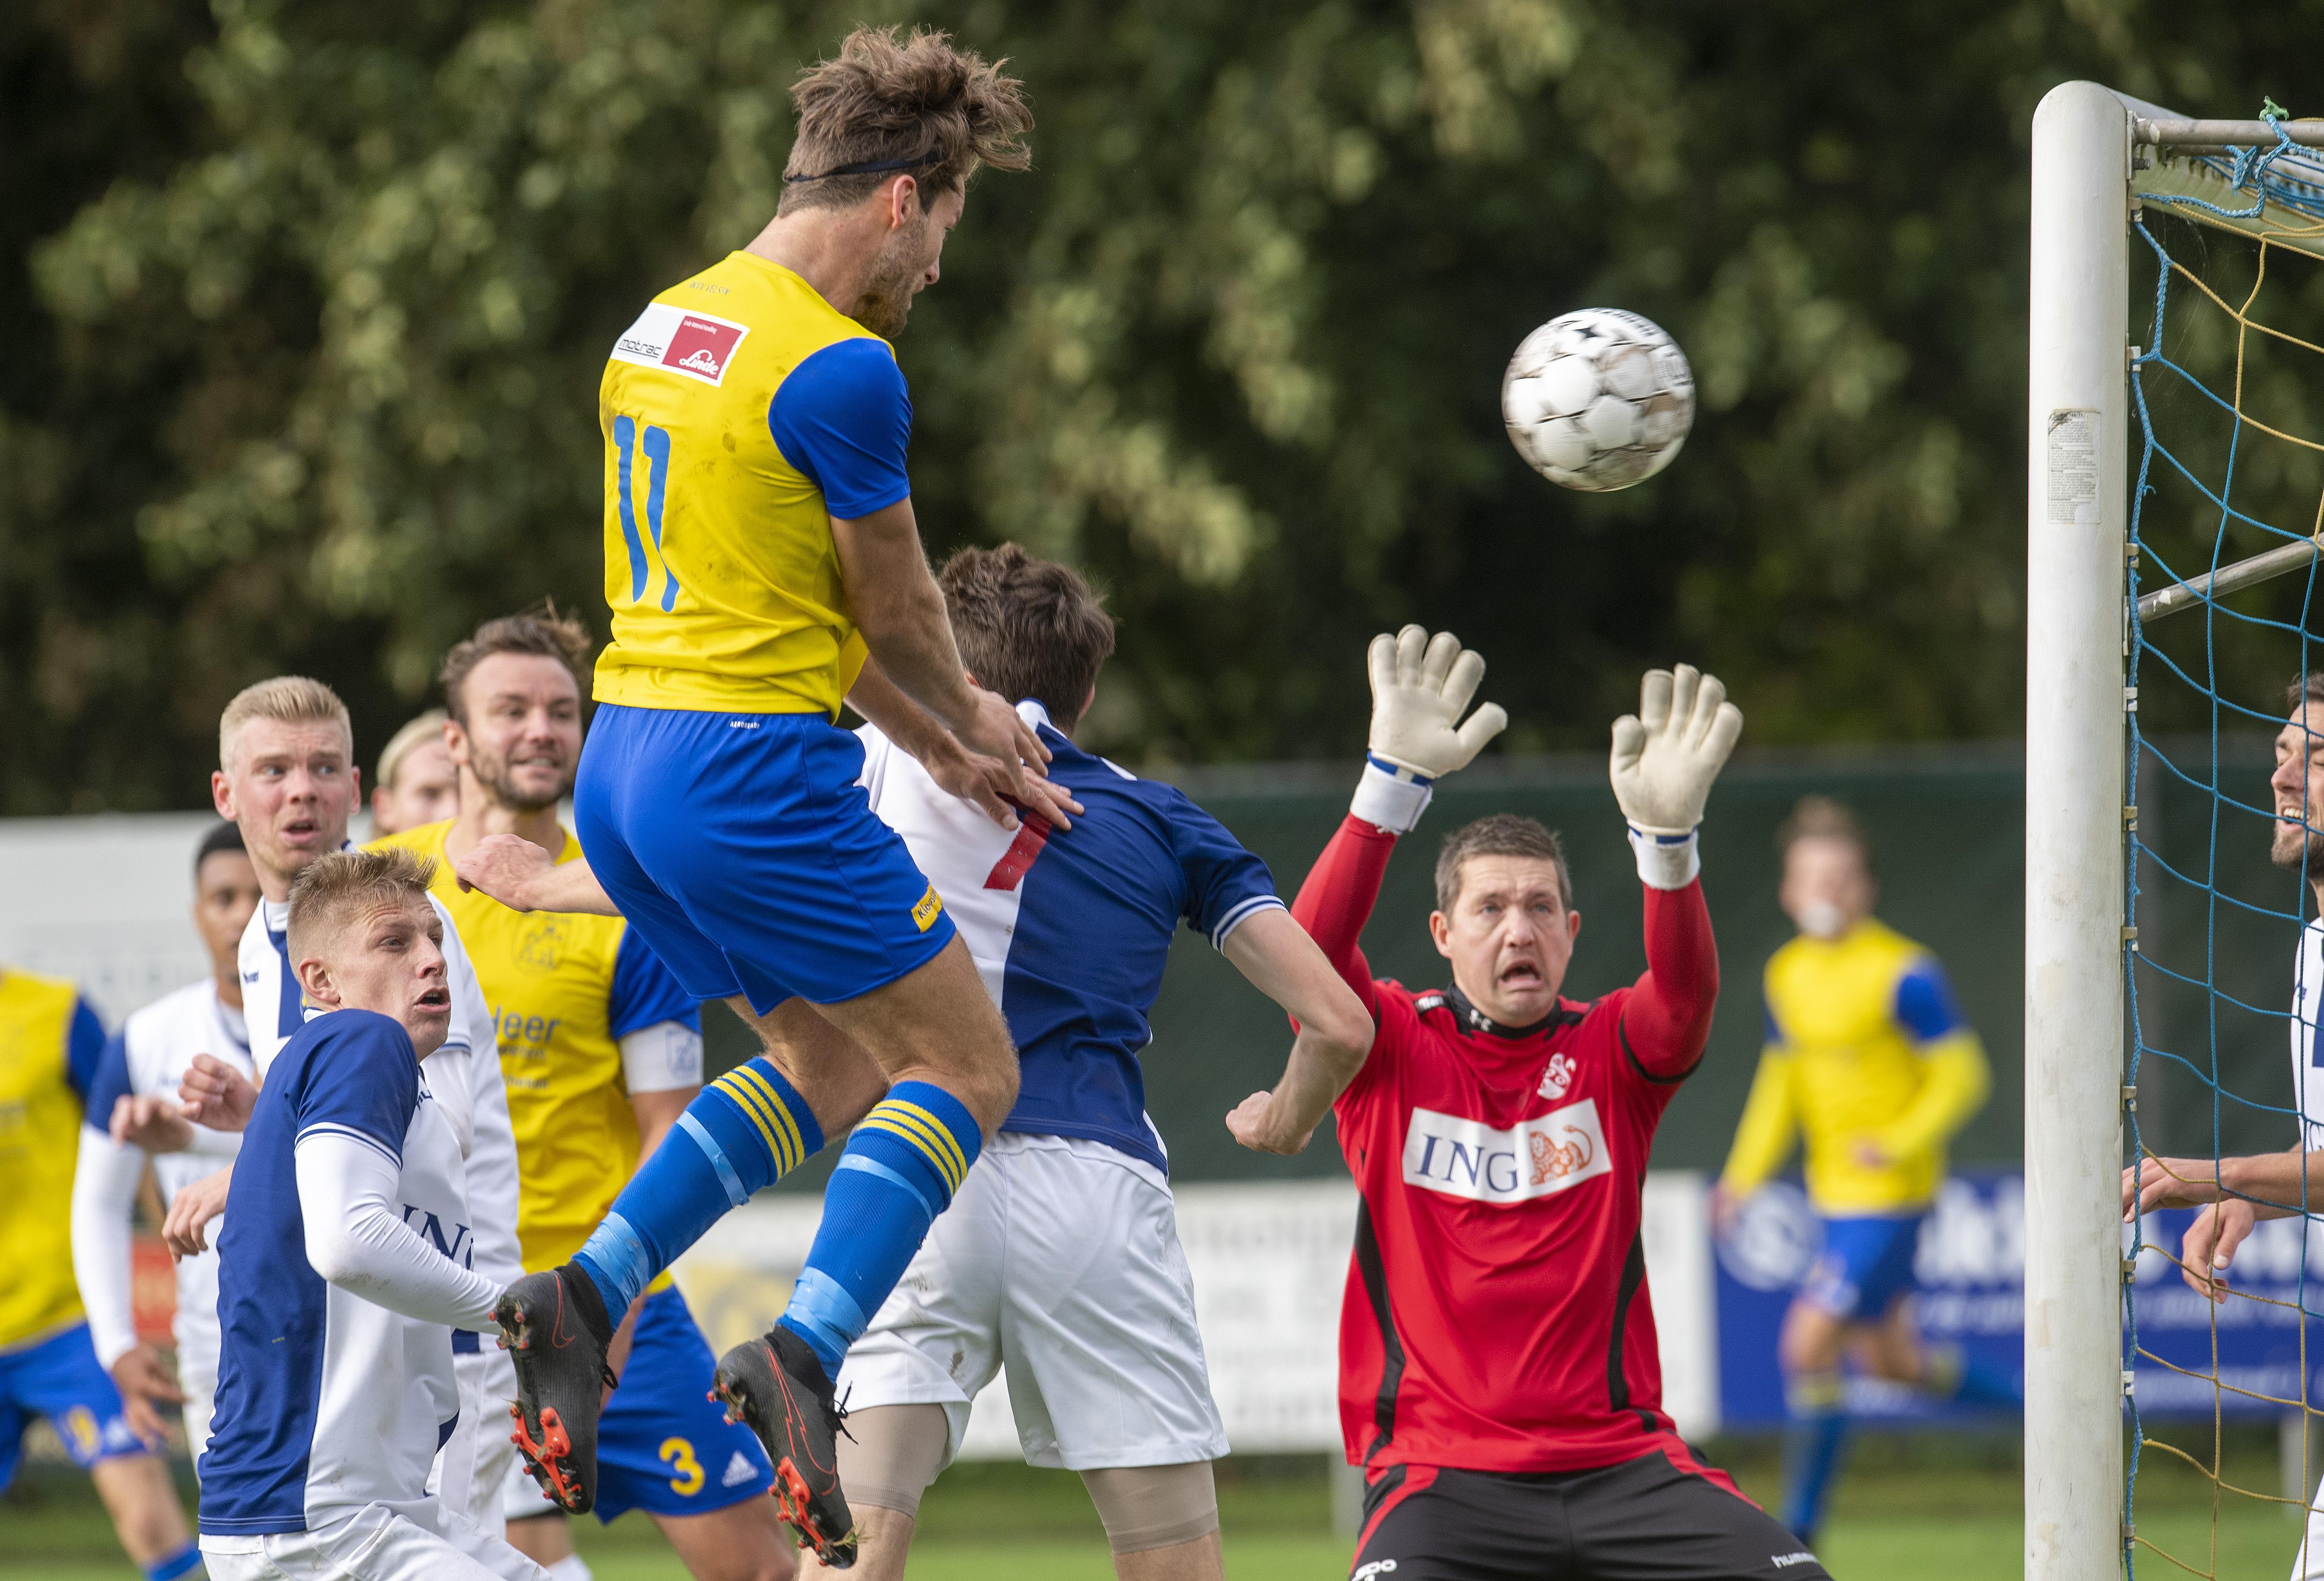 Handhaving is doel voor Velsen maar na vijf wedstrijden staat het bovenaan in hoofdklasse: 'Fijn dat dit alvast binnen is'